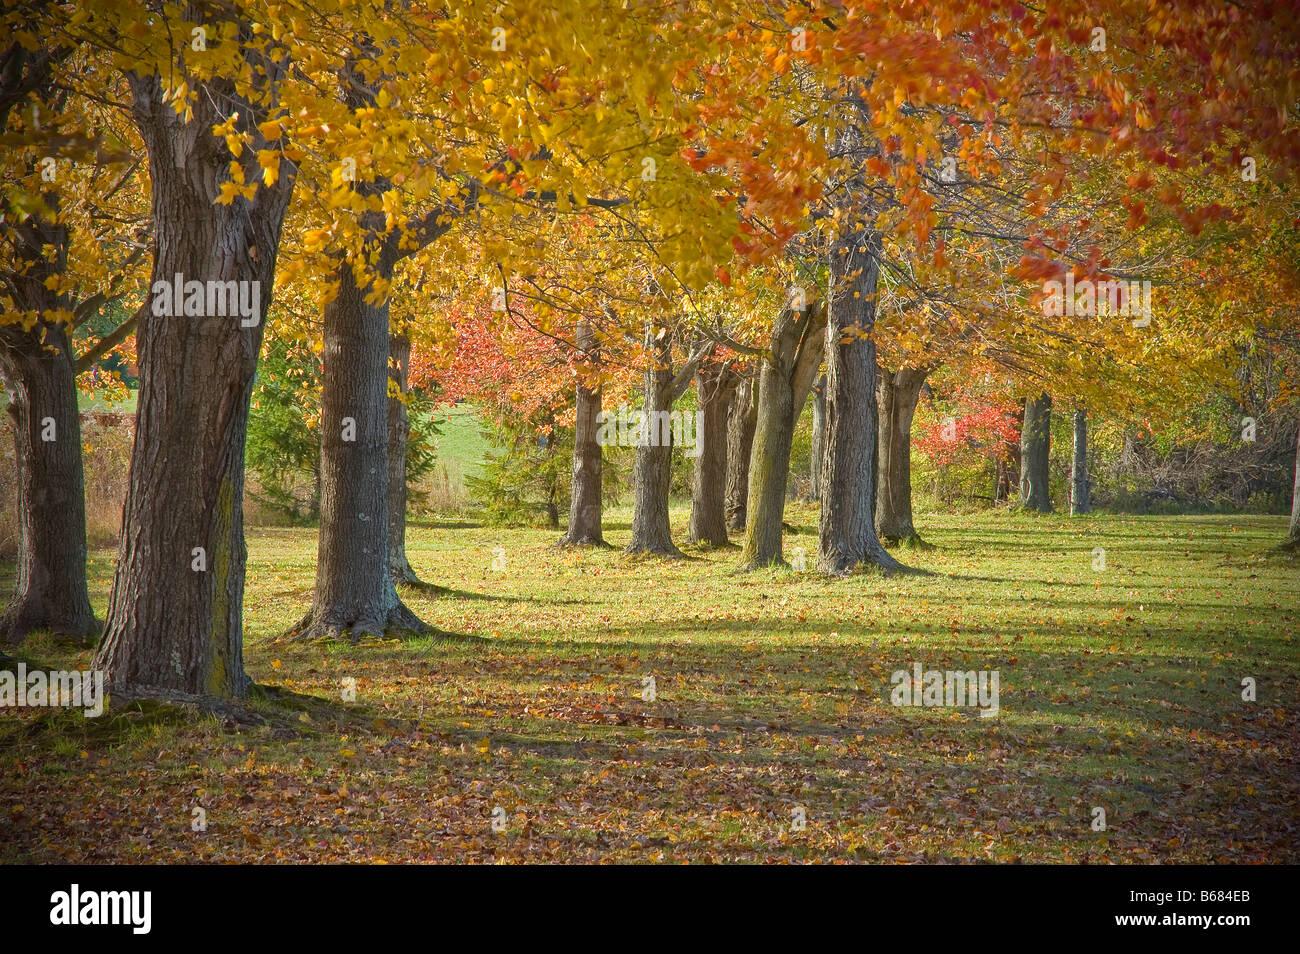 Autumn Trees Fall Foliage, Pennsylvania USA - Stock Image